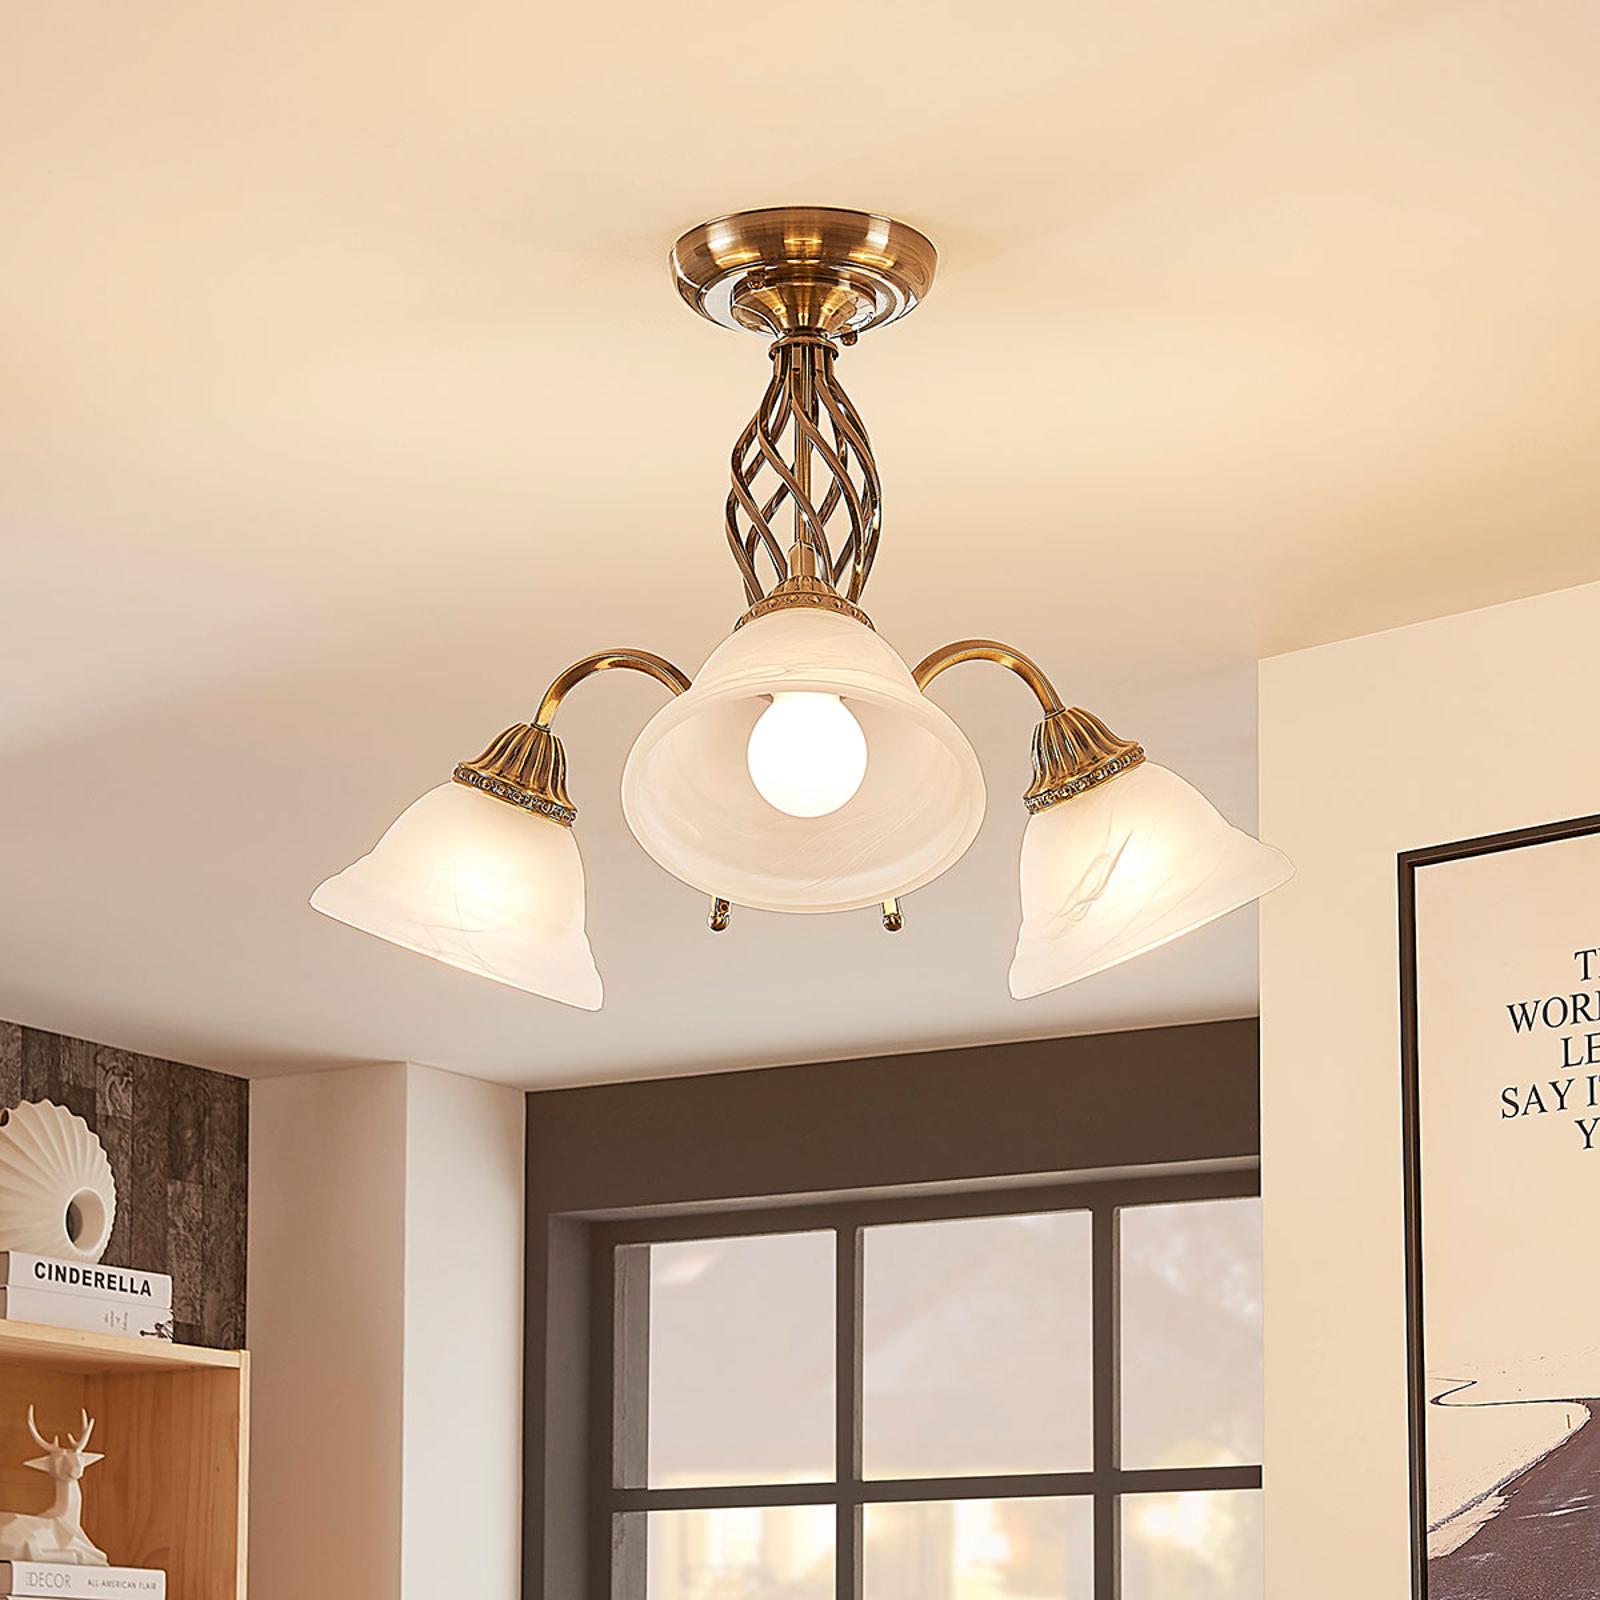 Mialina - lampada da soffitto 3 luci ottone antico